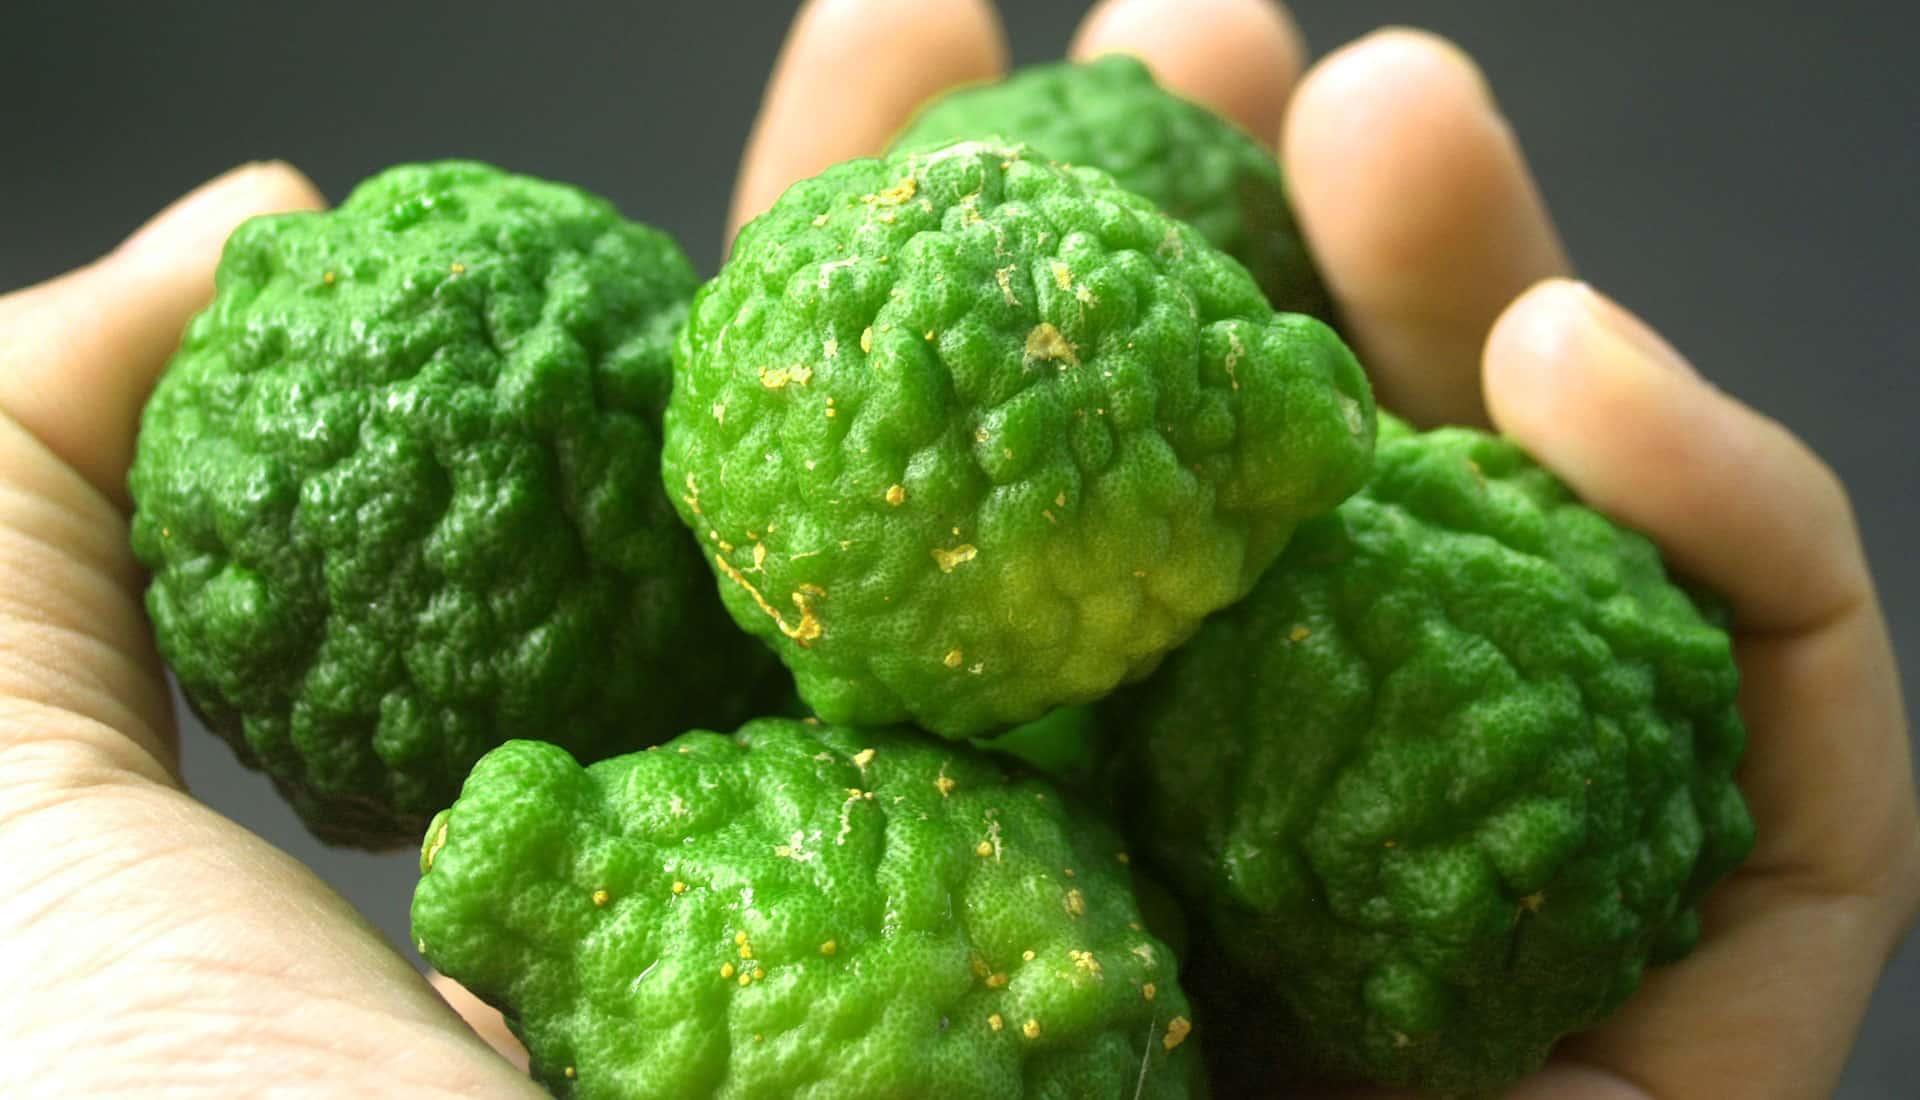 Bergamotte Frucht zu Gewinnung von ätherischem Öl von einer Hand gehalten